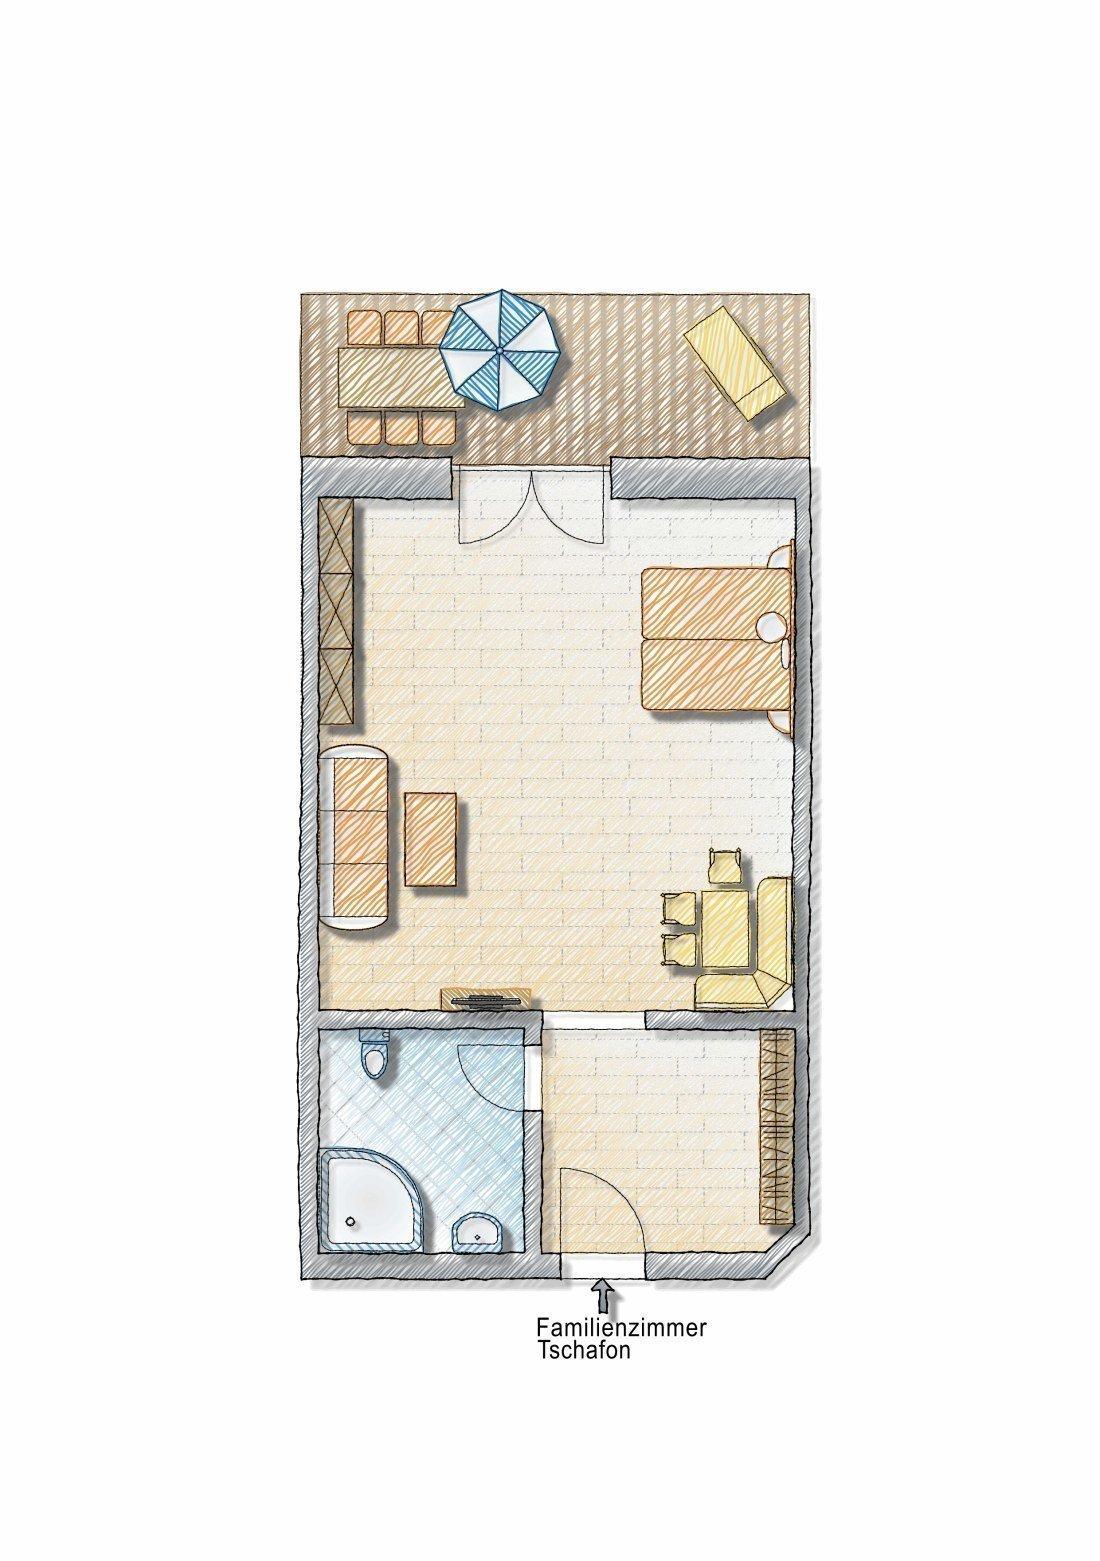 """Family room """"Tschafon"""""""